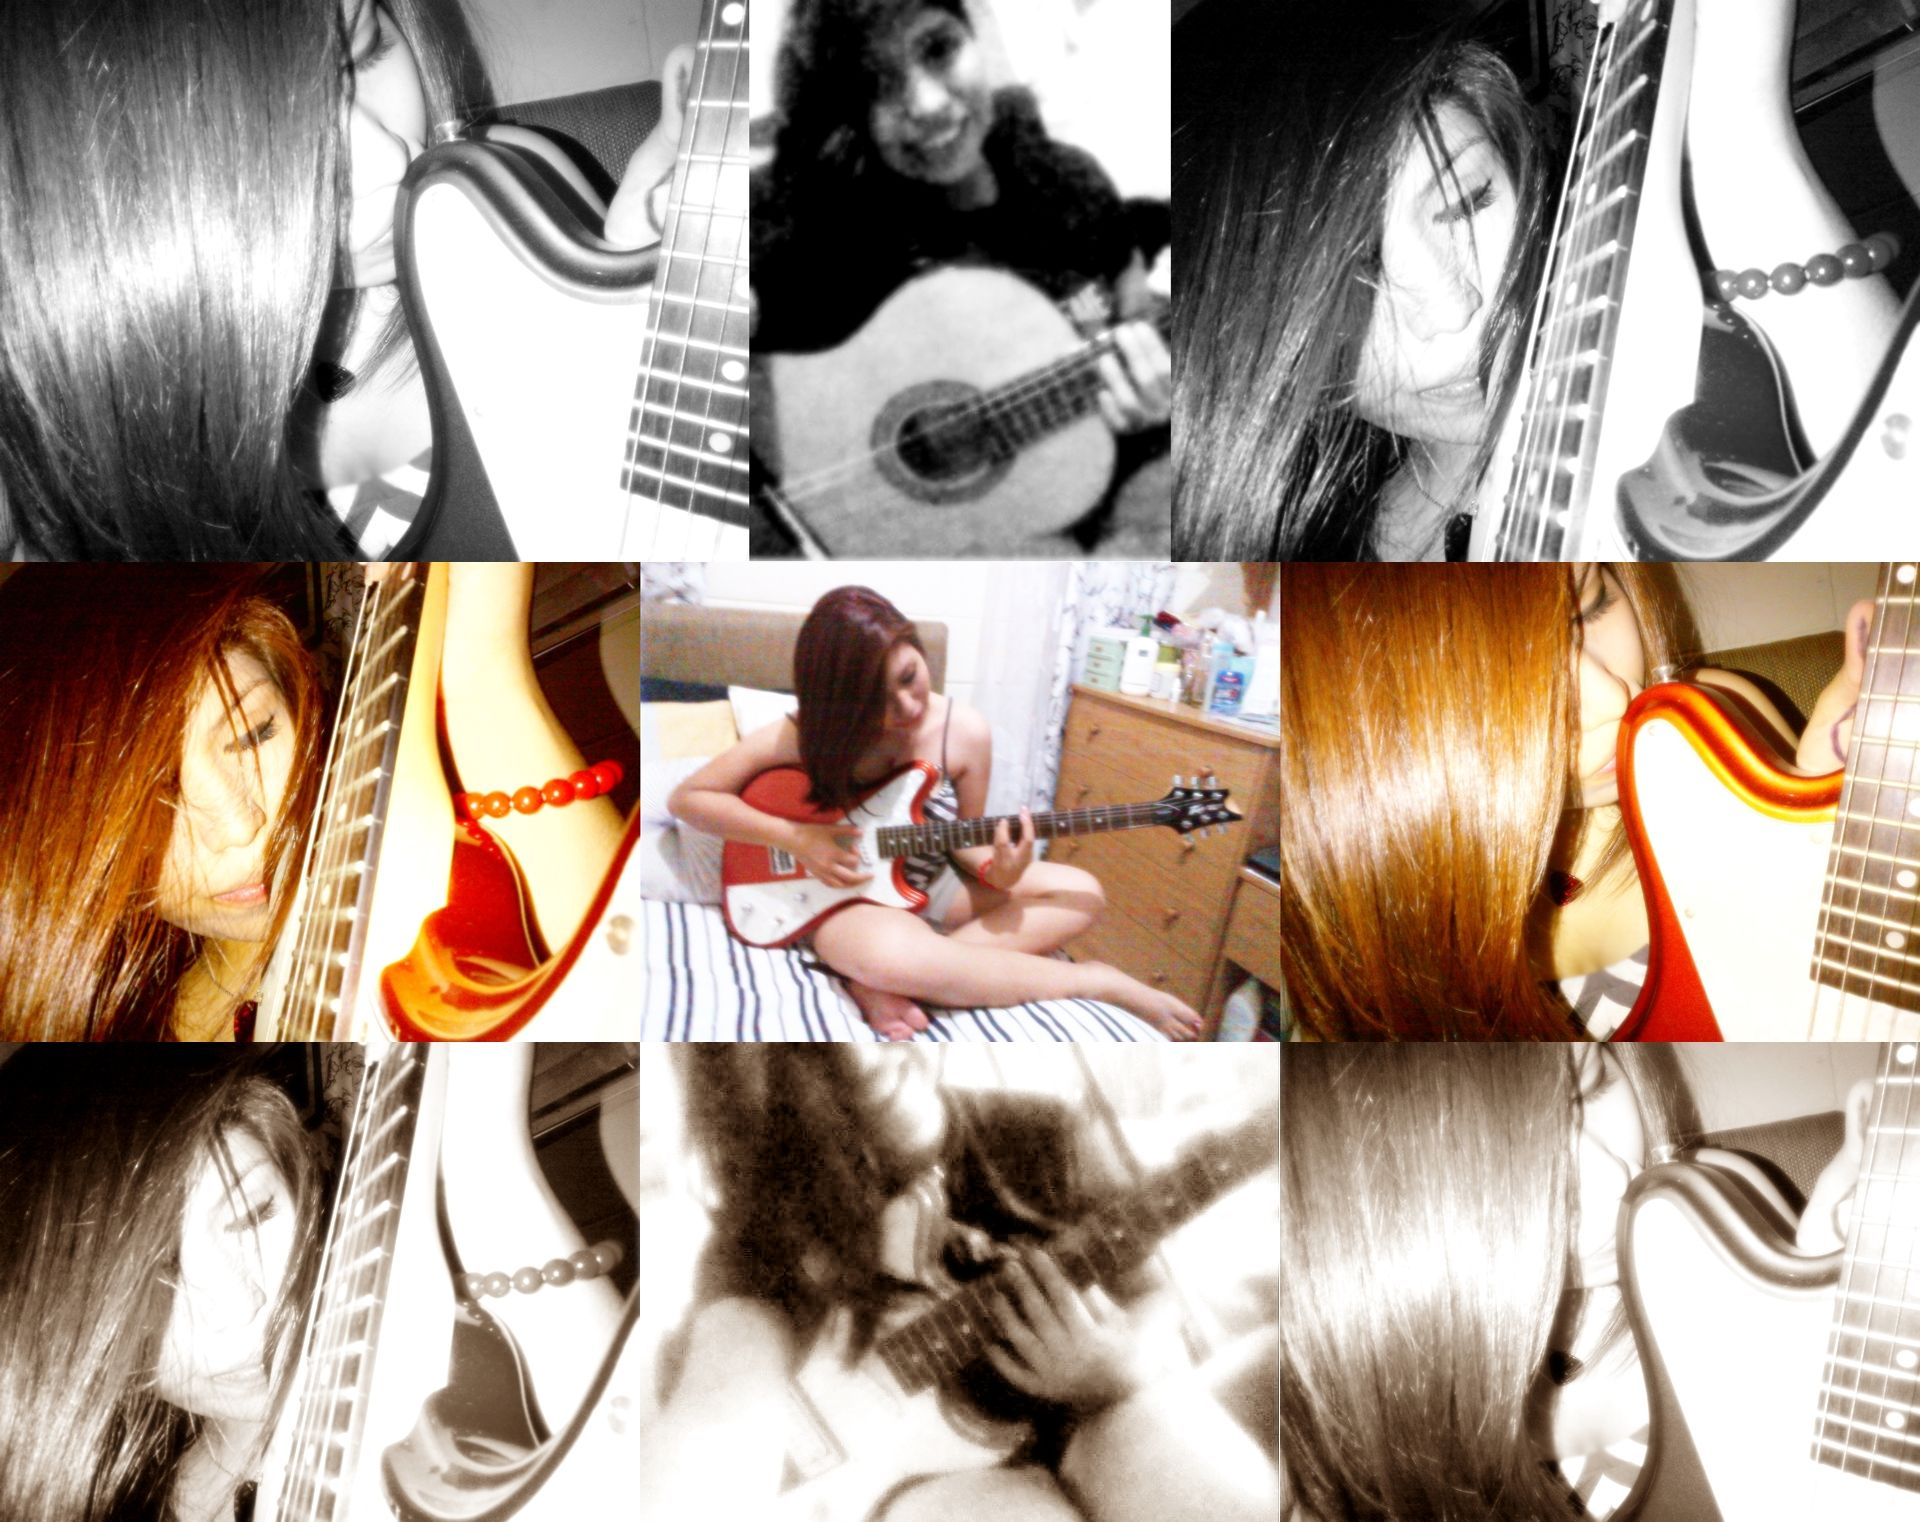 Tocar guitarra para aliviar el dolor.